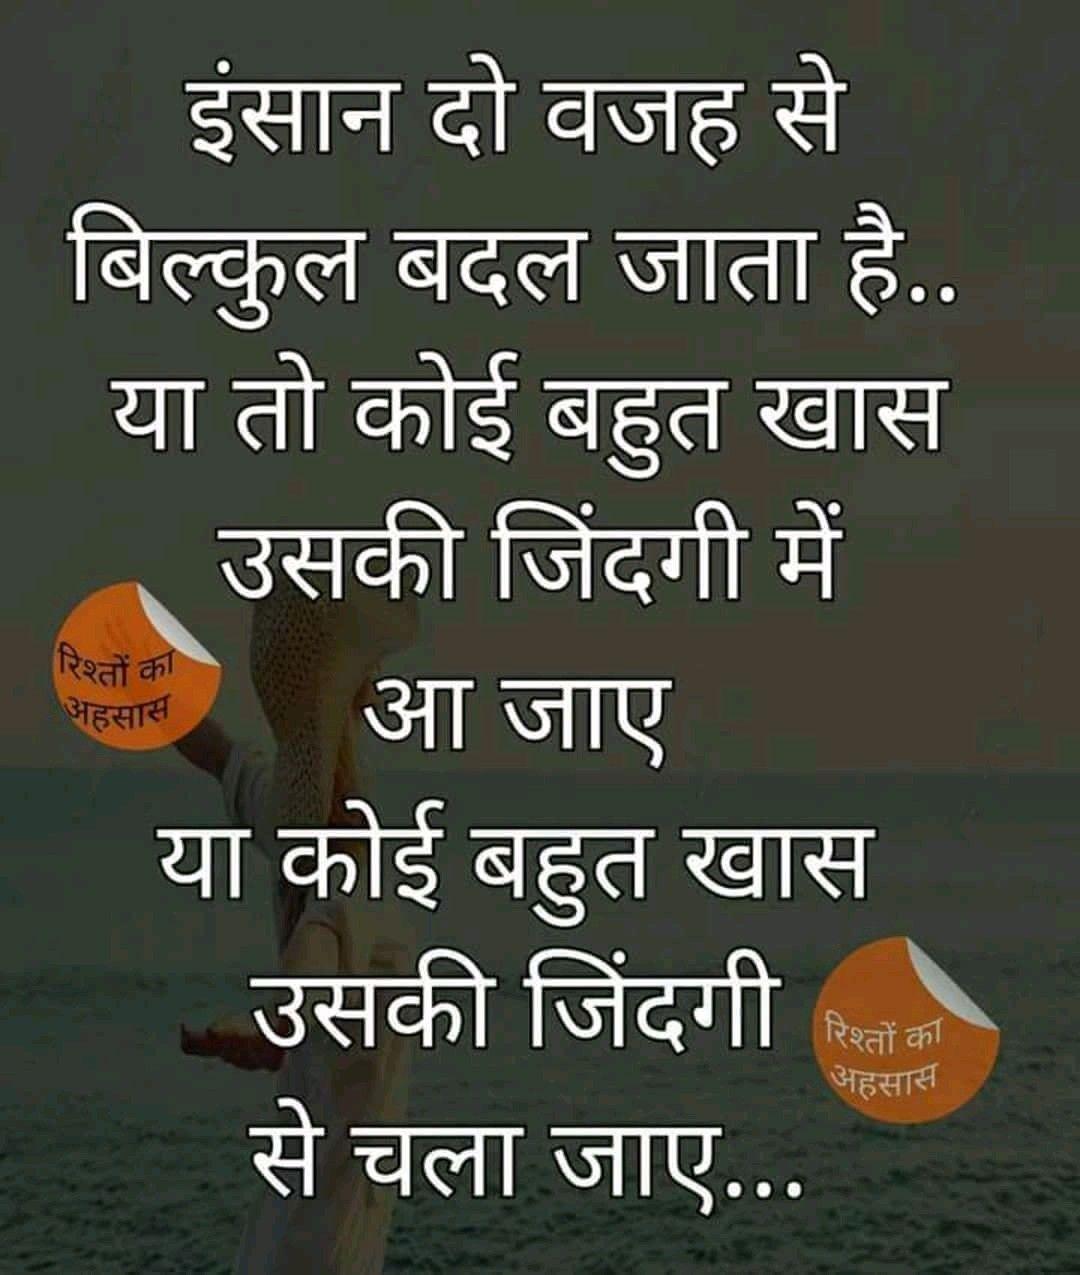 Mujh Se Hi Meri Bate Life Hindi Quotes Quotes Life Quotes